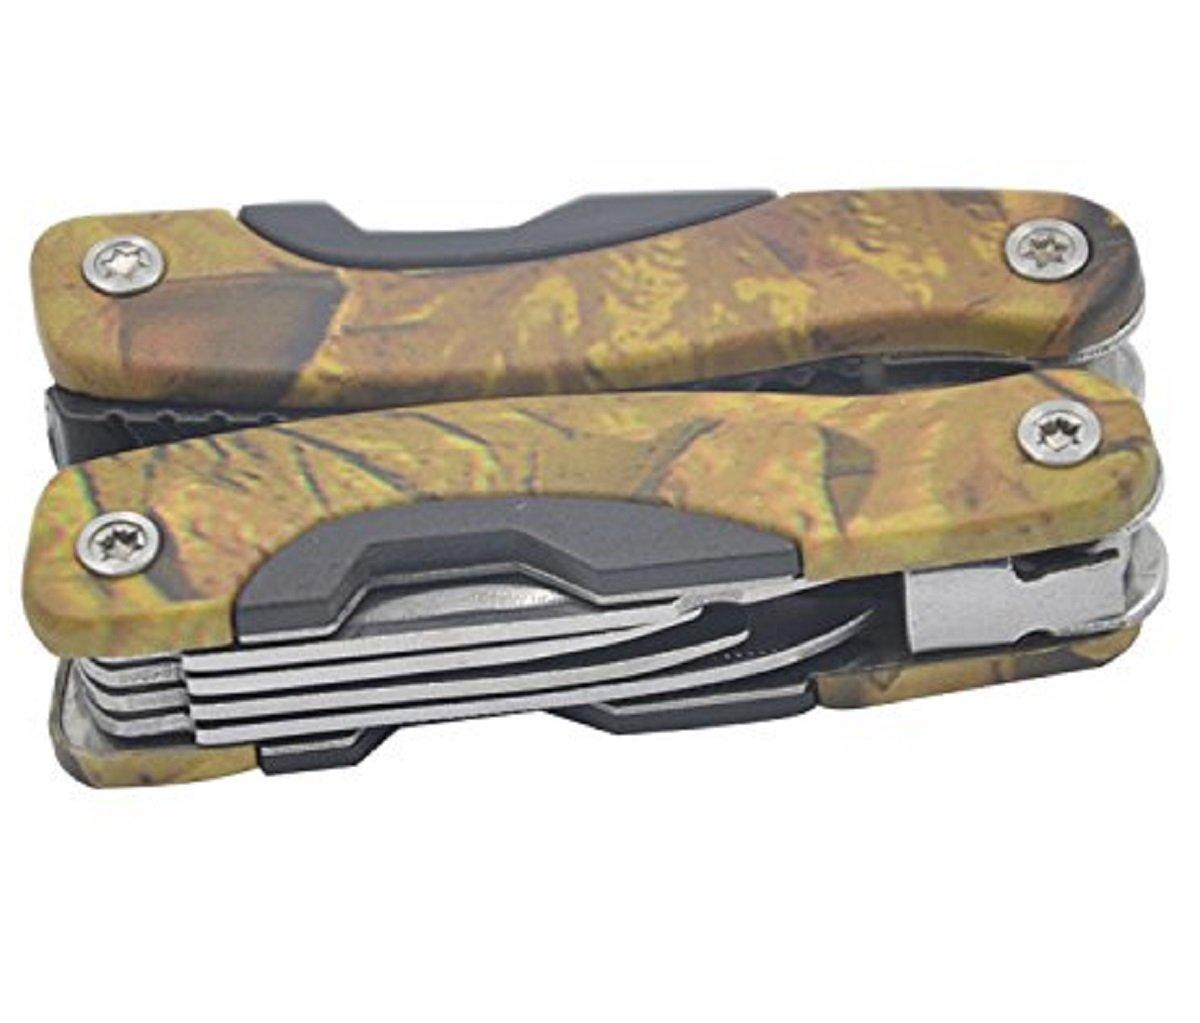 Vococal Acero inoxidable Pocket alicates plegable multifunció n militar supervivencia al aire libre herramienta camuflaje